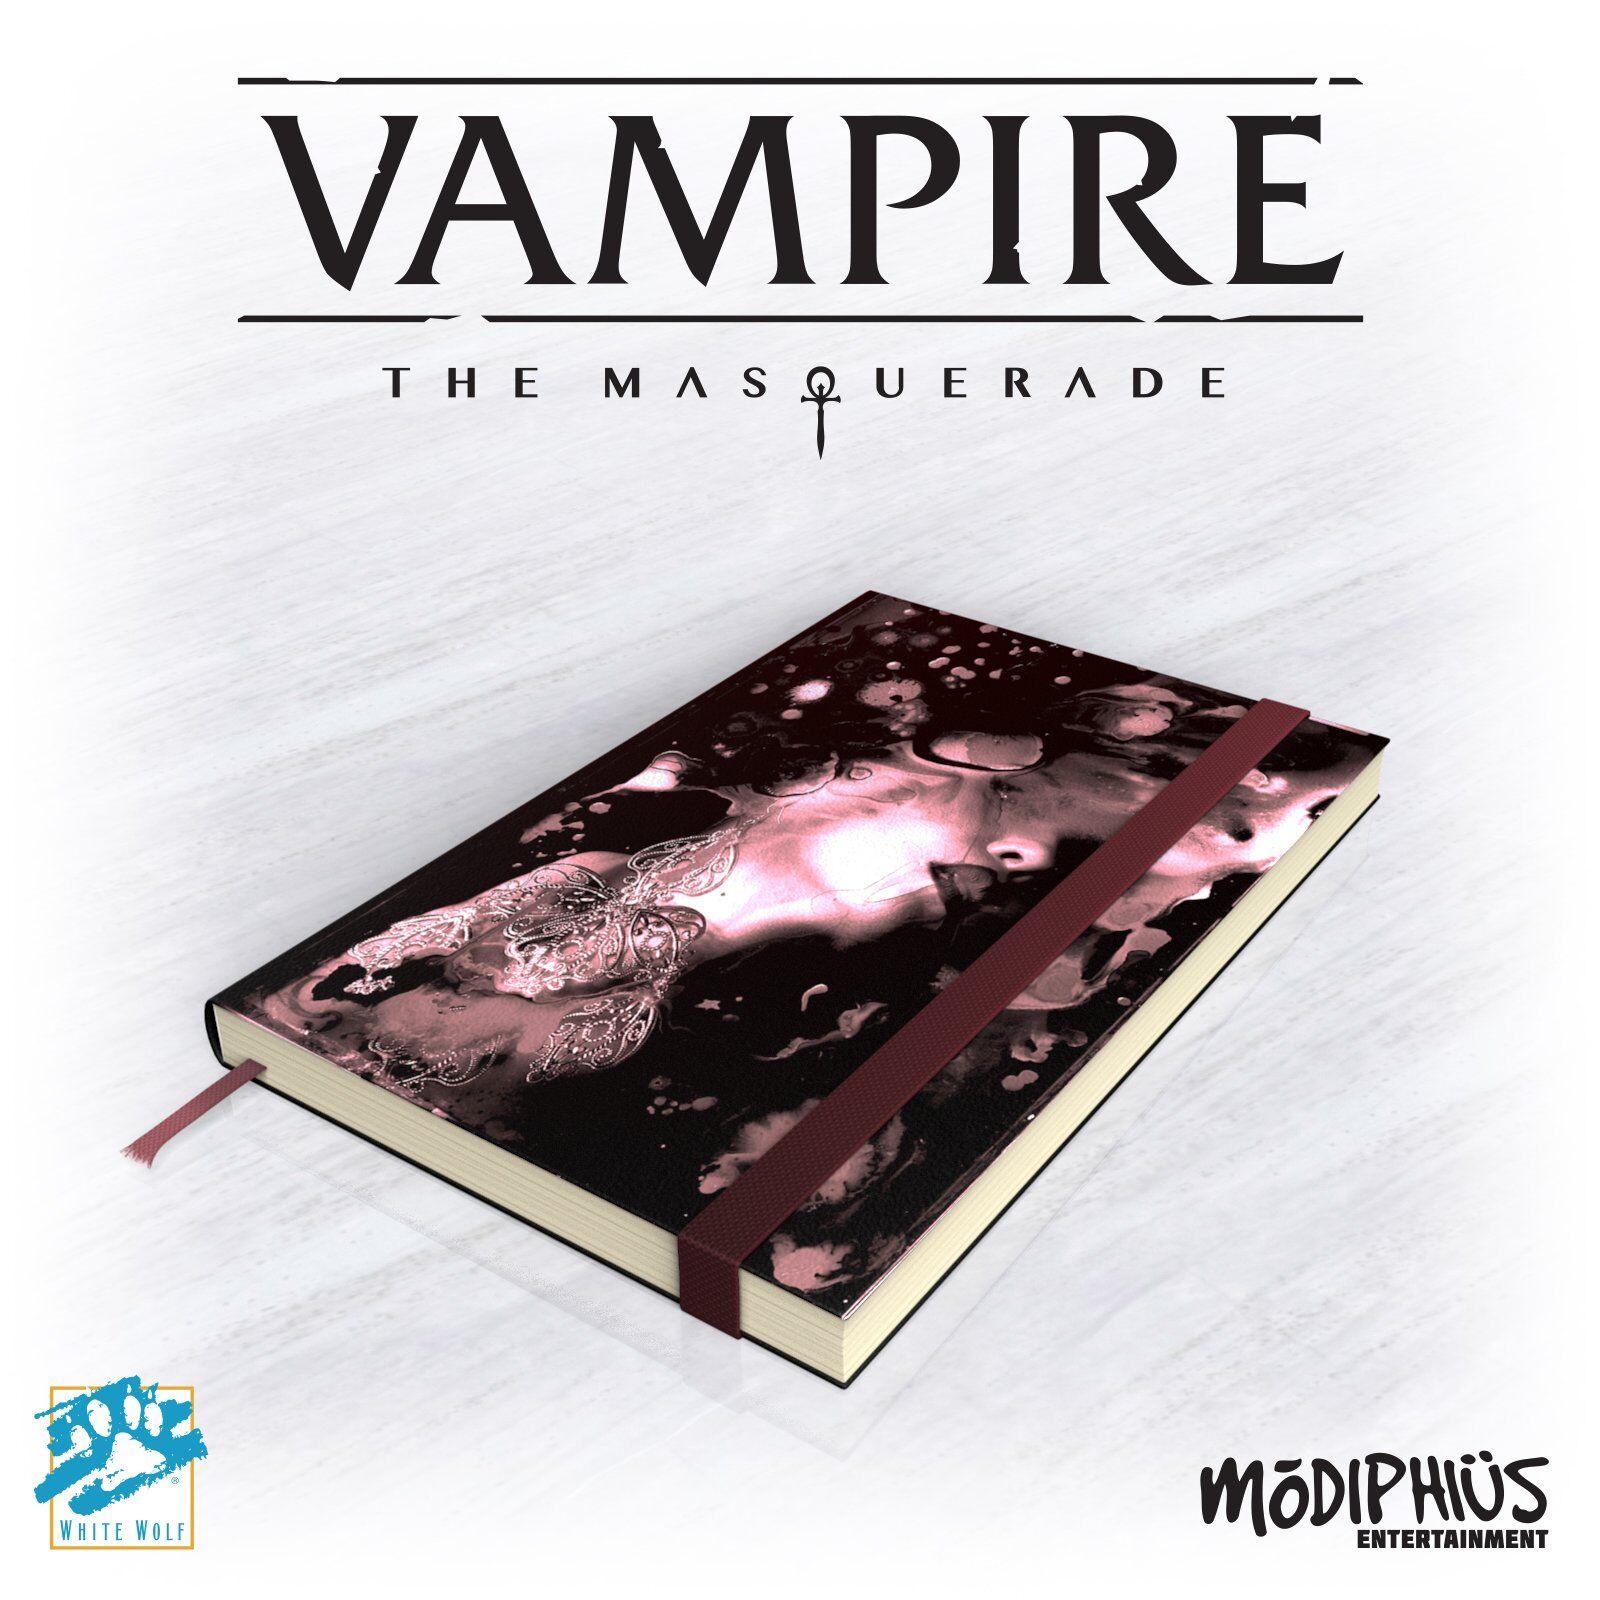 Vampire Masquerade Notatbok 5th Edition - Note Book